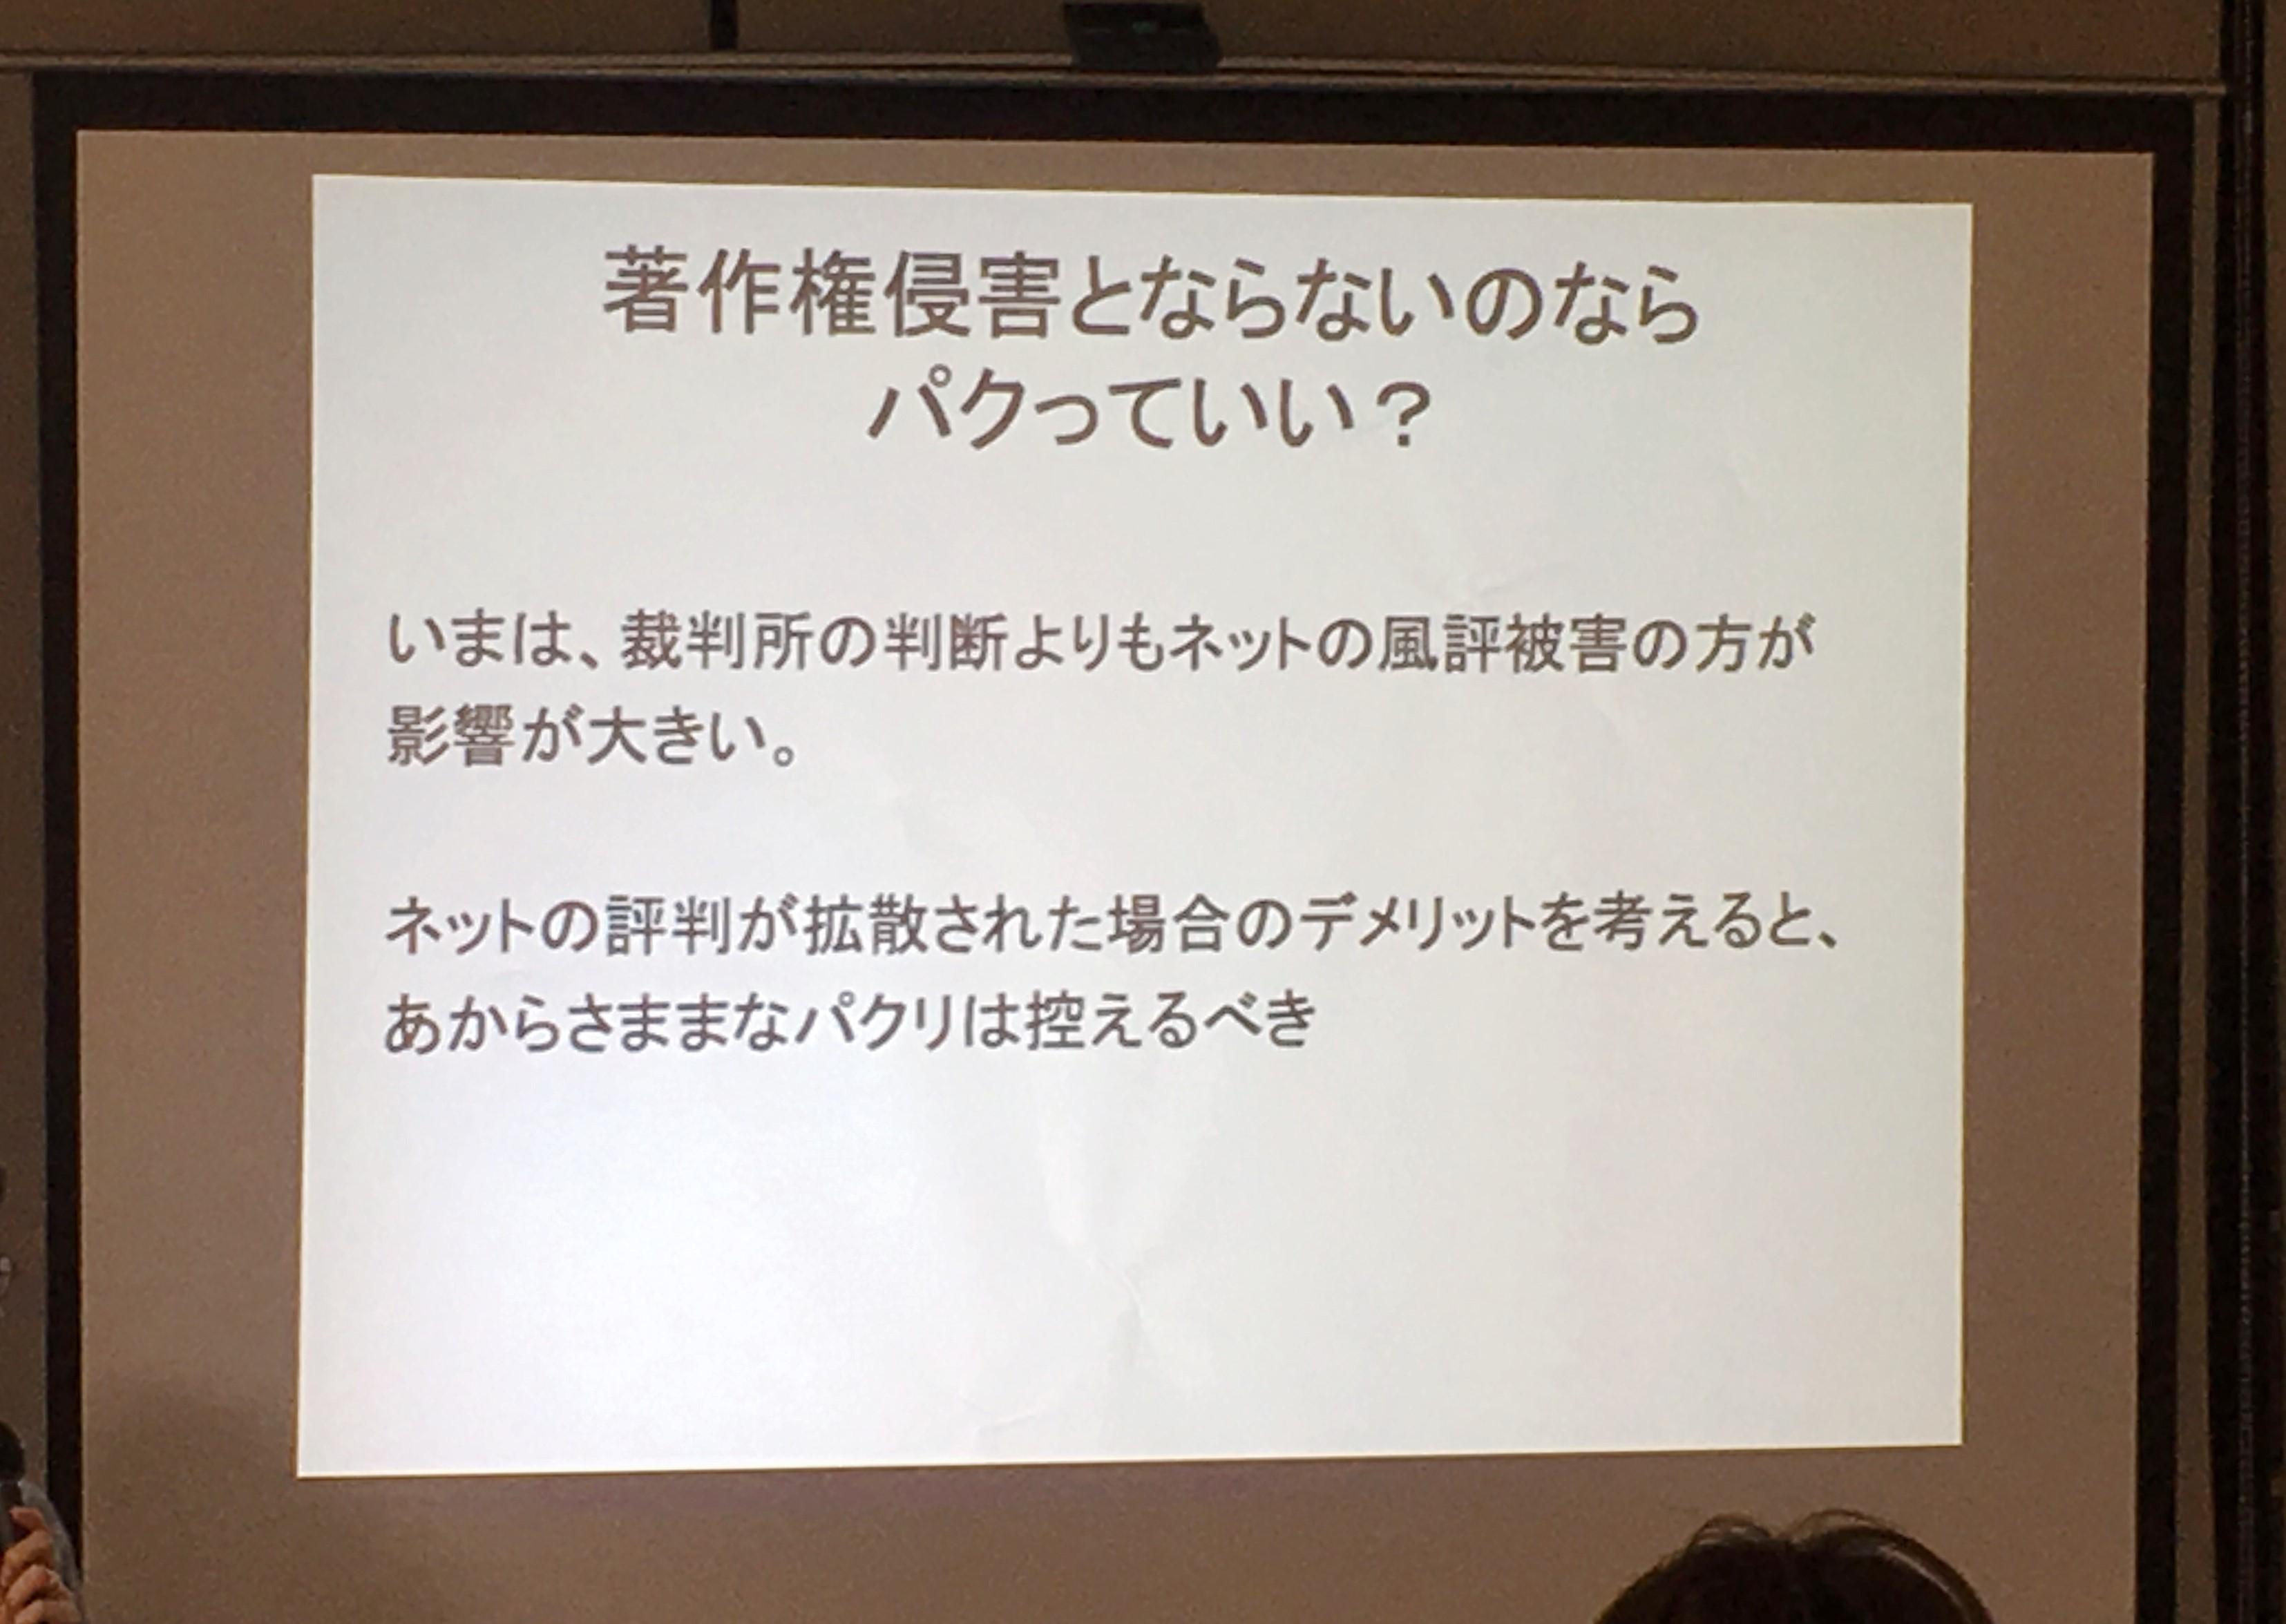 スライド「著作権侵害とならないのならパクっていい?」